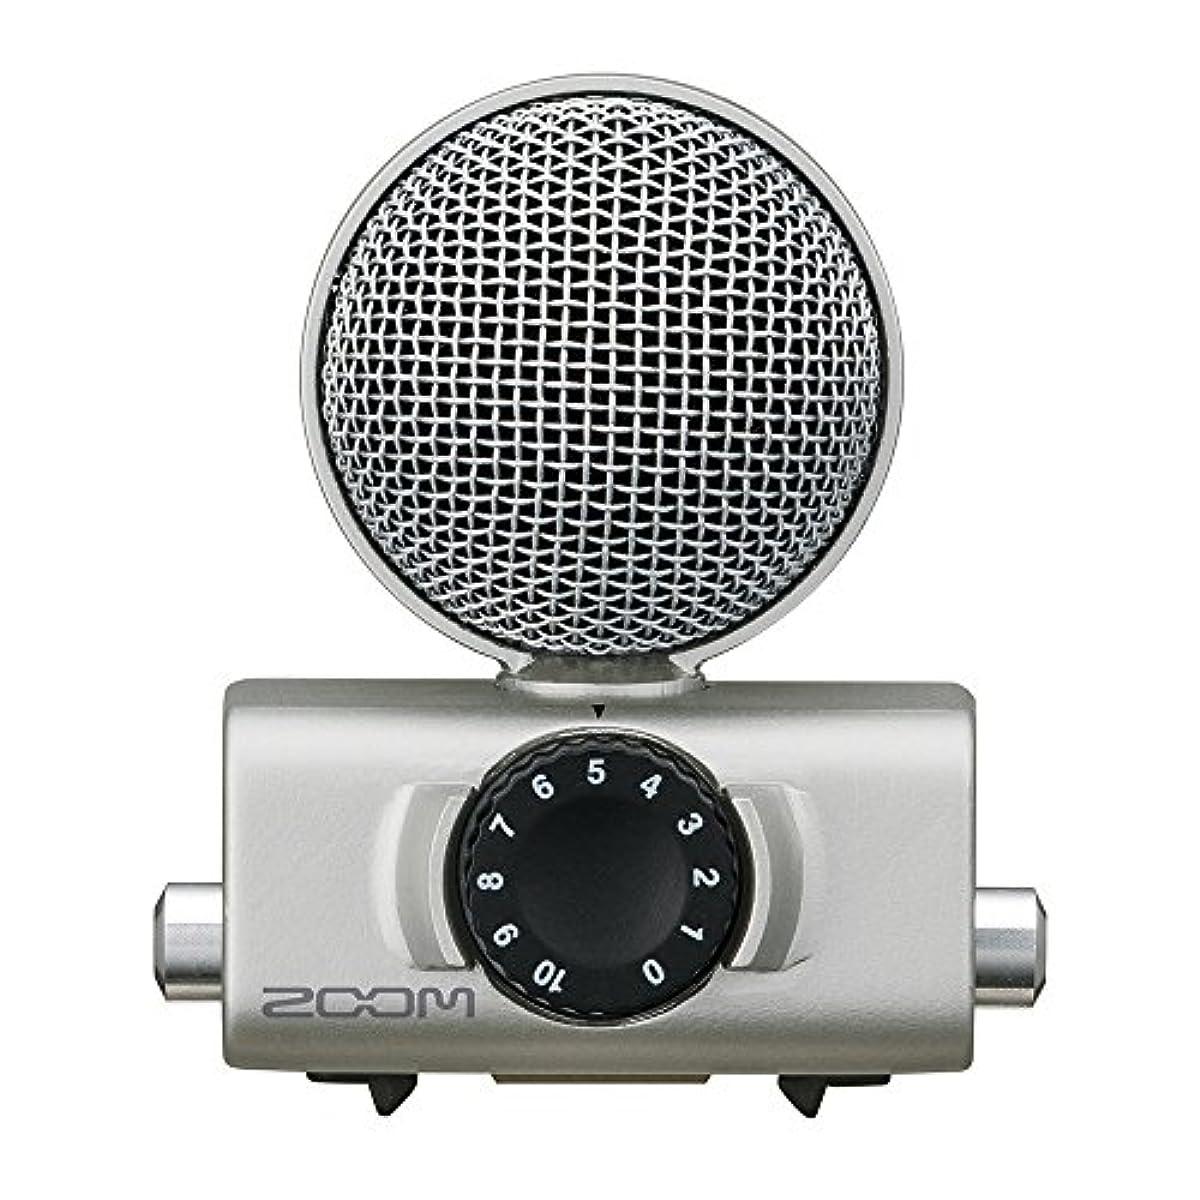 [해외] ZOOM 줌 포터블 레코더 마이크 H6/H5/Q8 용MS마이크 캡슐 MSH-6